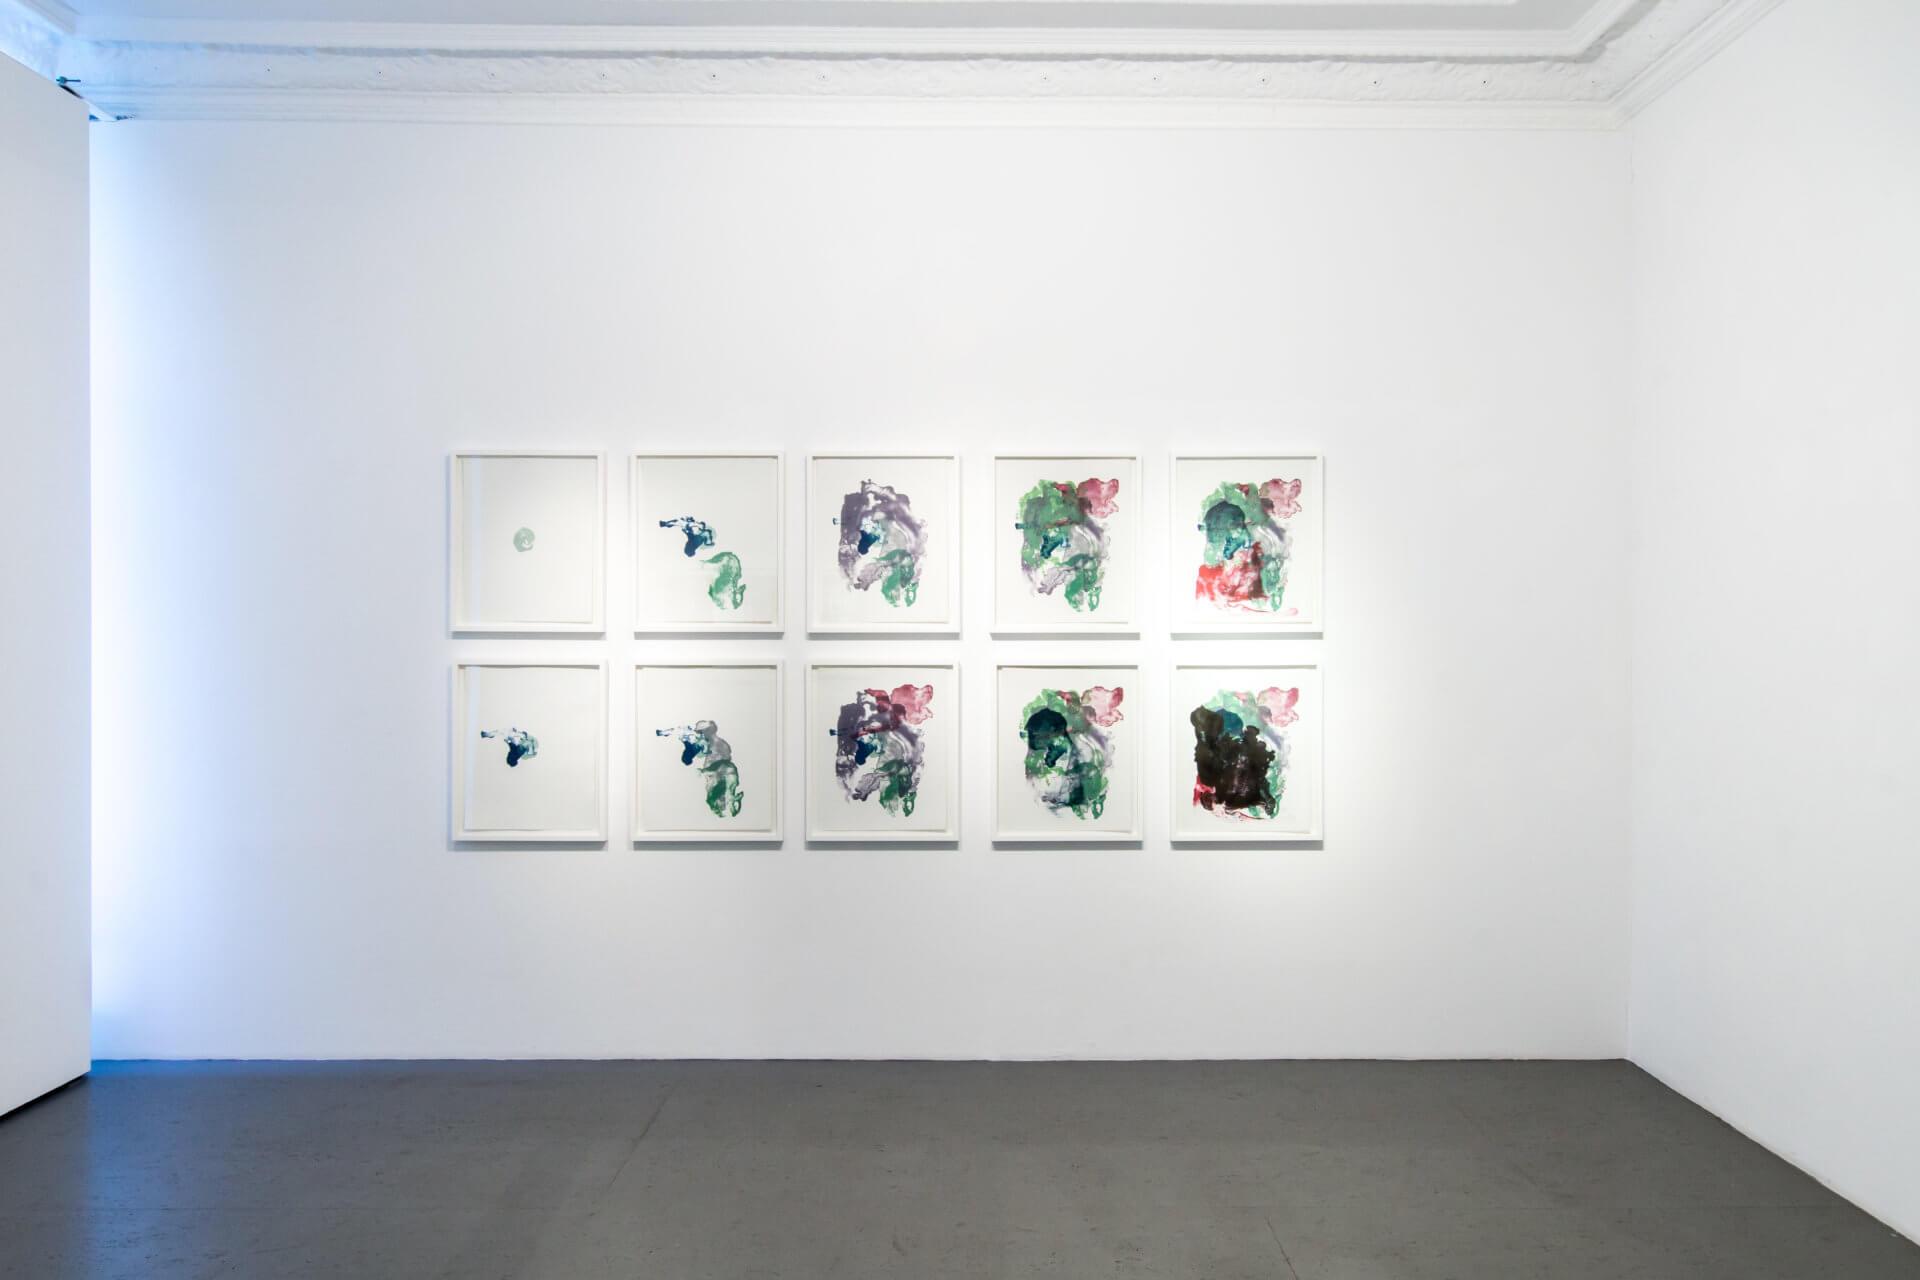 lithographic nature - Ausstellungsansichten der Einzelausstellung von Katharina Albers in der Galerie Burster Berlin